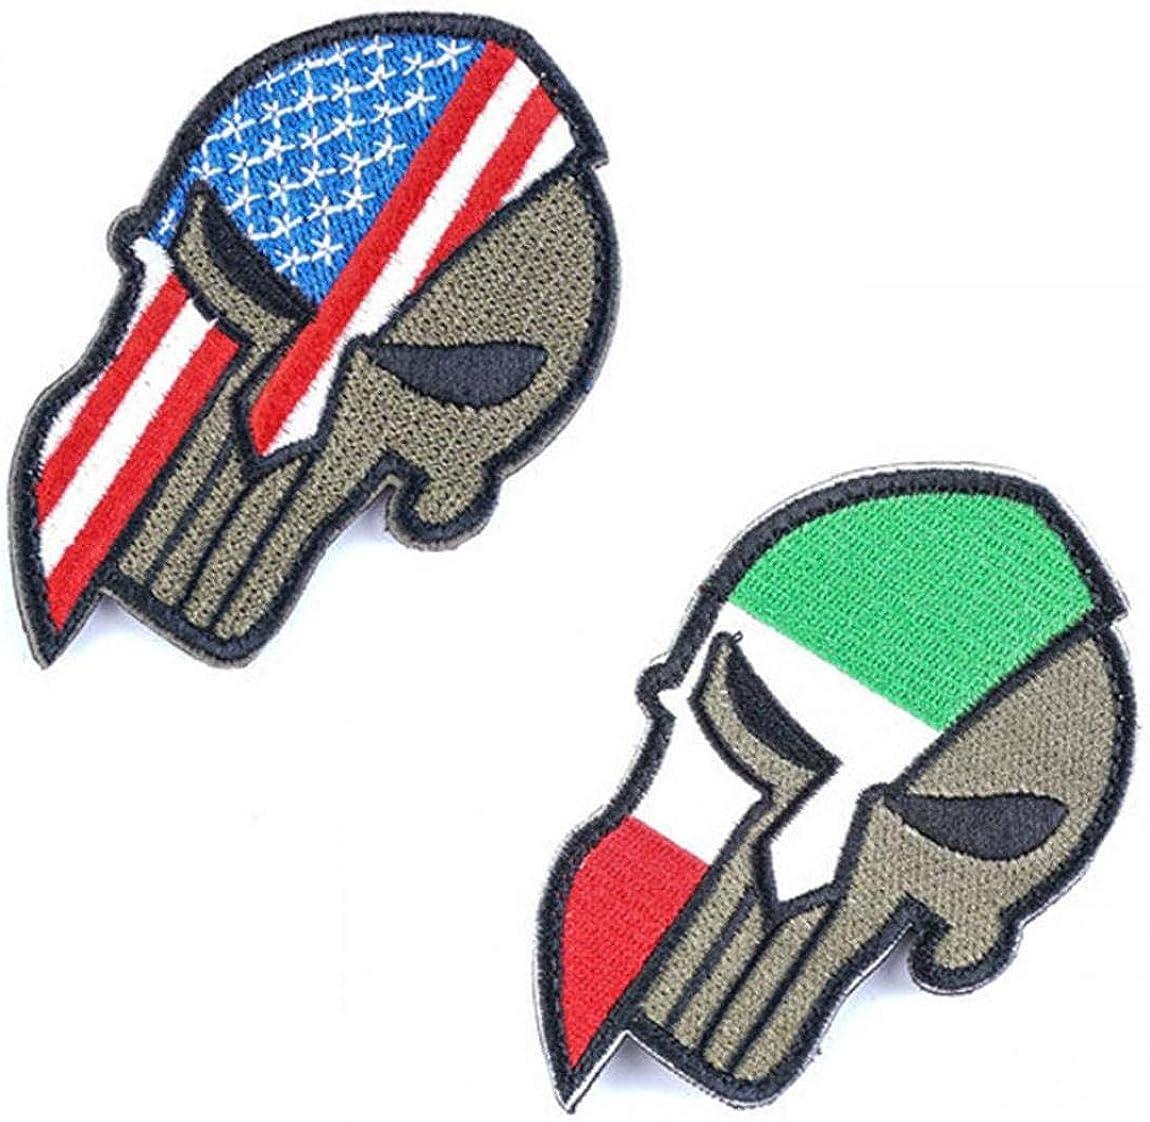 Aisoway Personalit/à Bandiera Applique Casco Skull Zone del ricamo Badge fai da te per le forniture di abbigliamento della decorazione